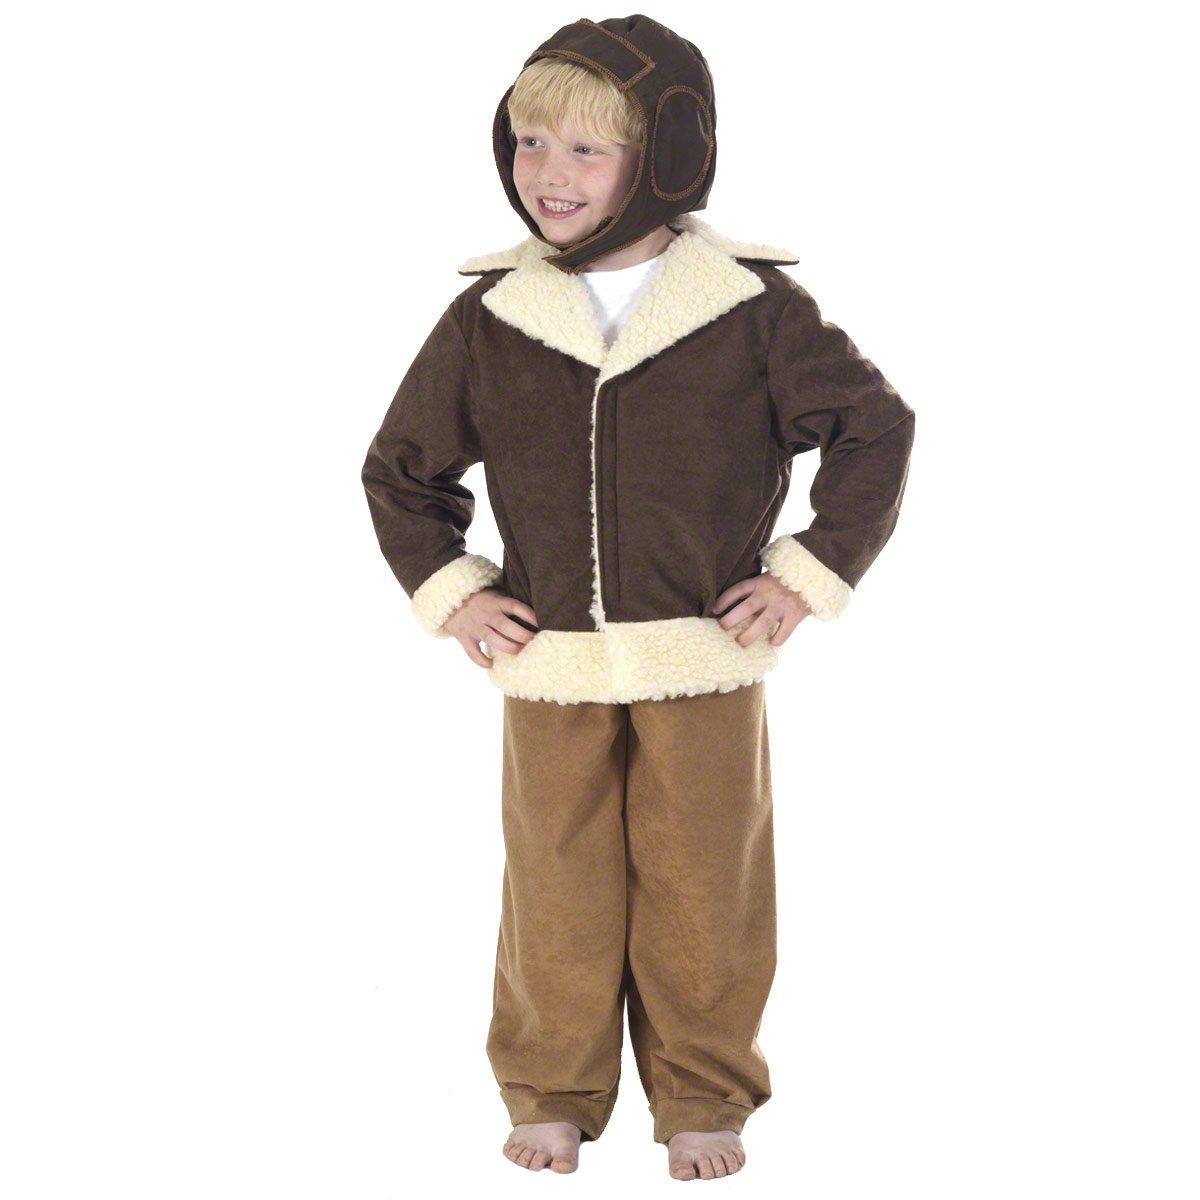 Pilot/Bomber Costume for Kids